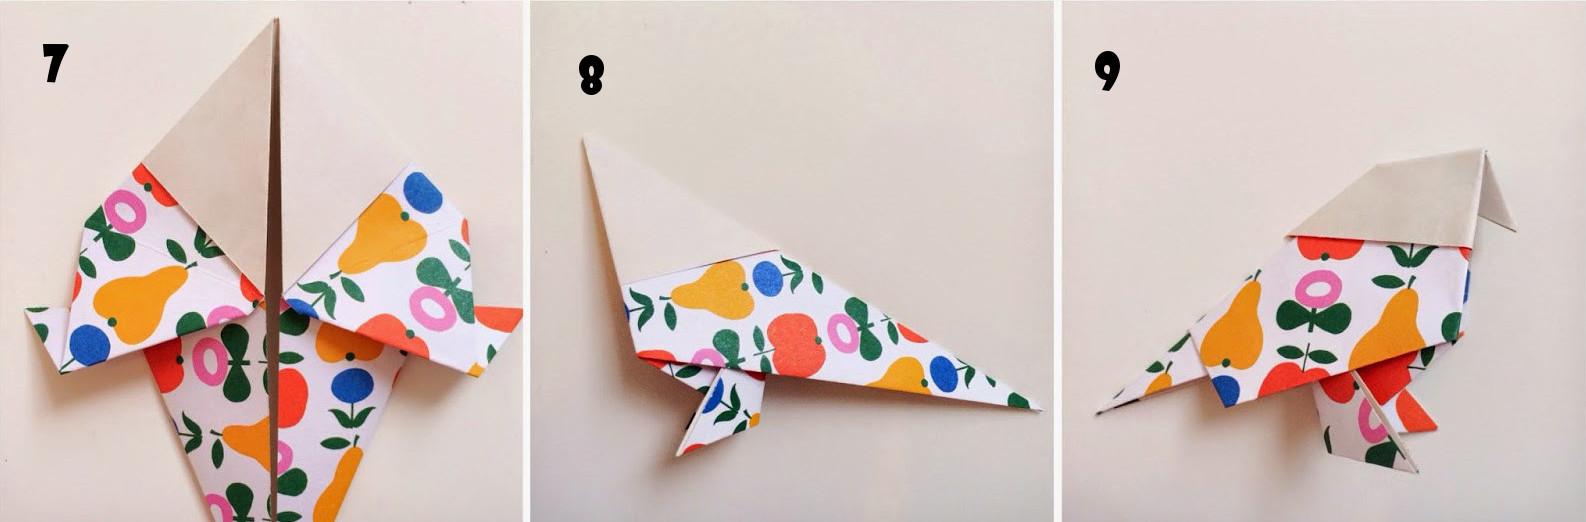 Cara Membuat Origami Burung Merpati Paling Mudah - Bikin